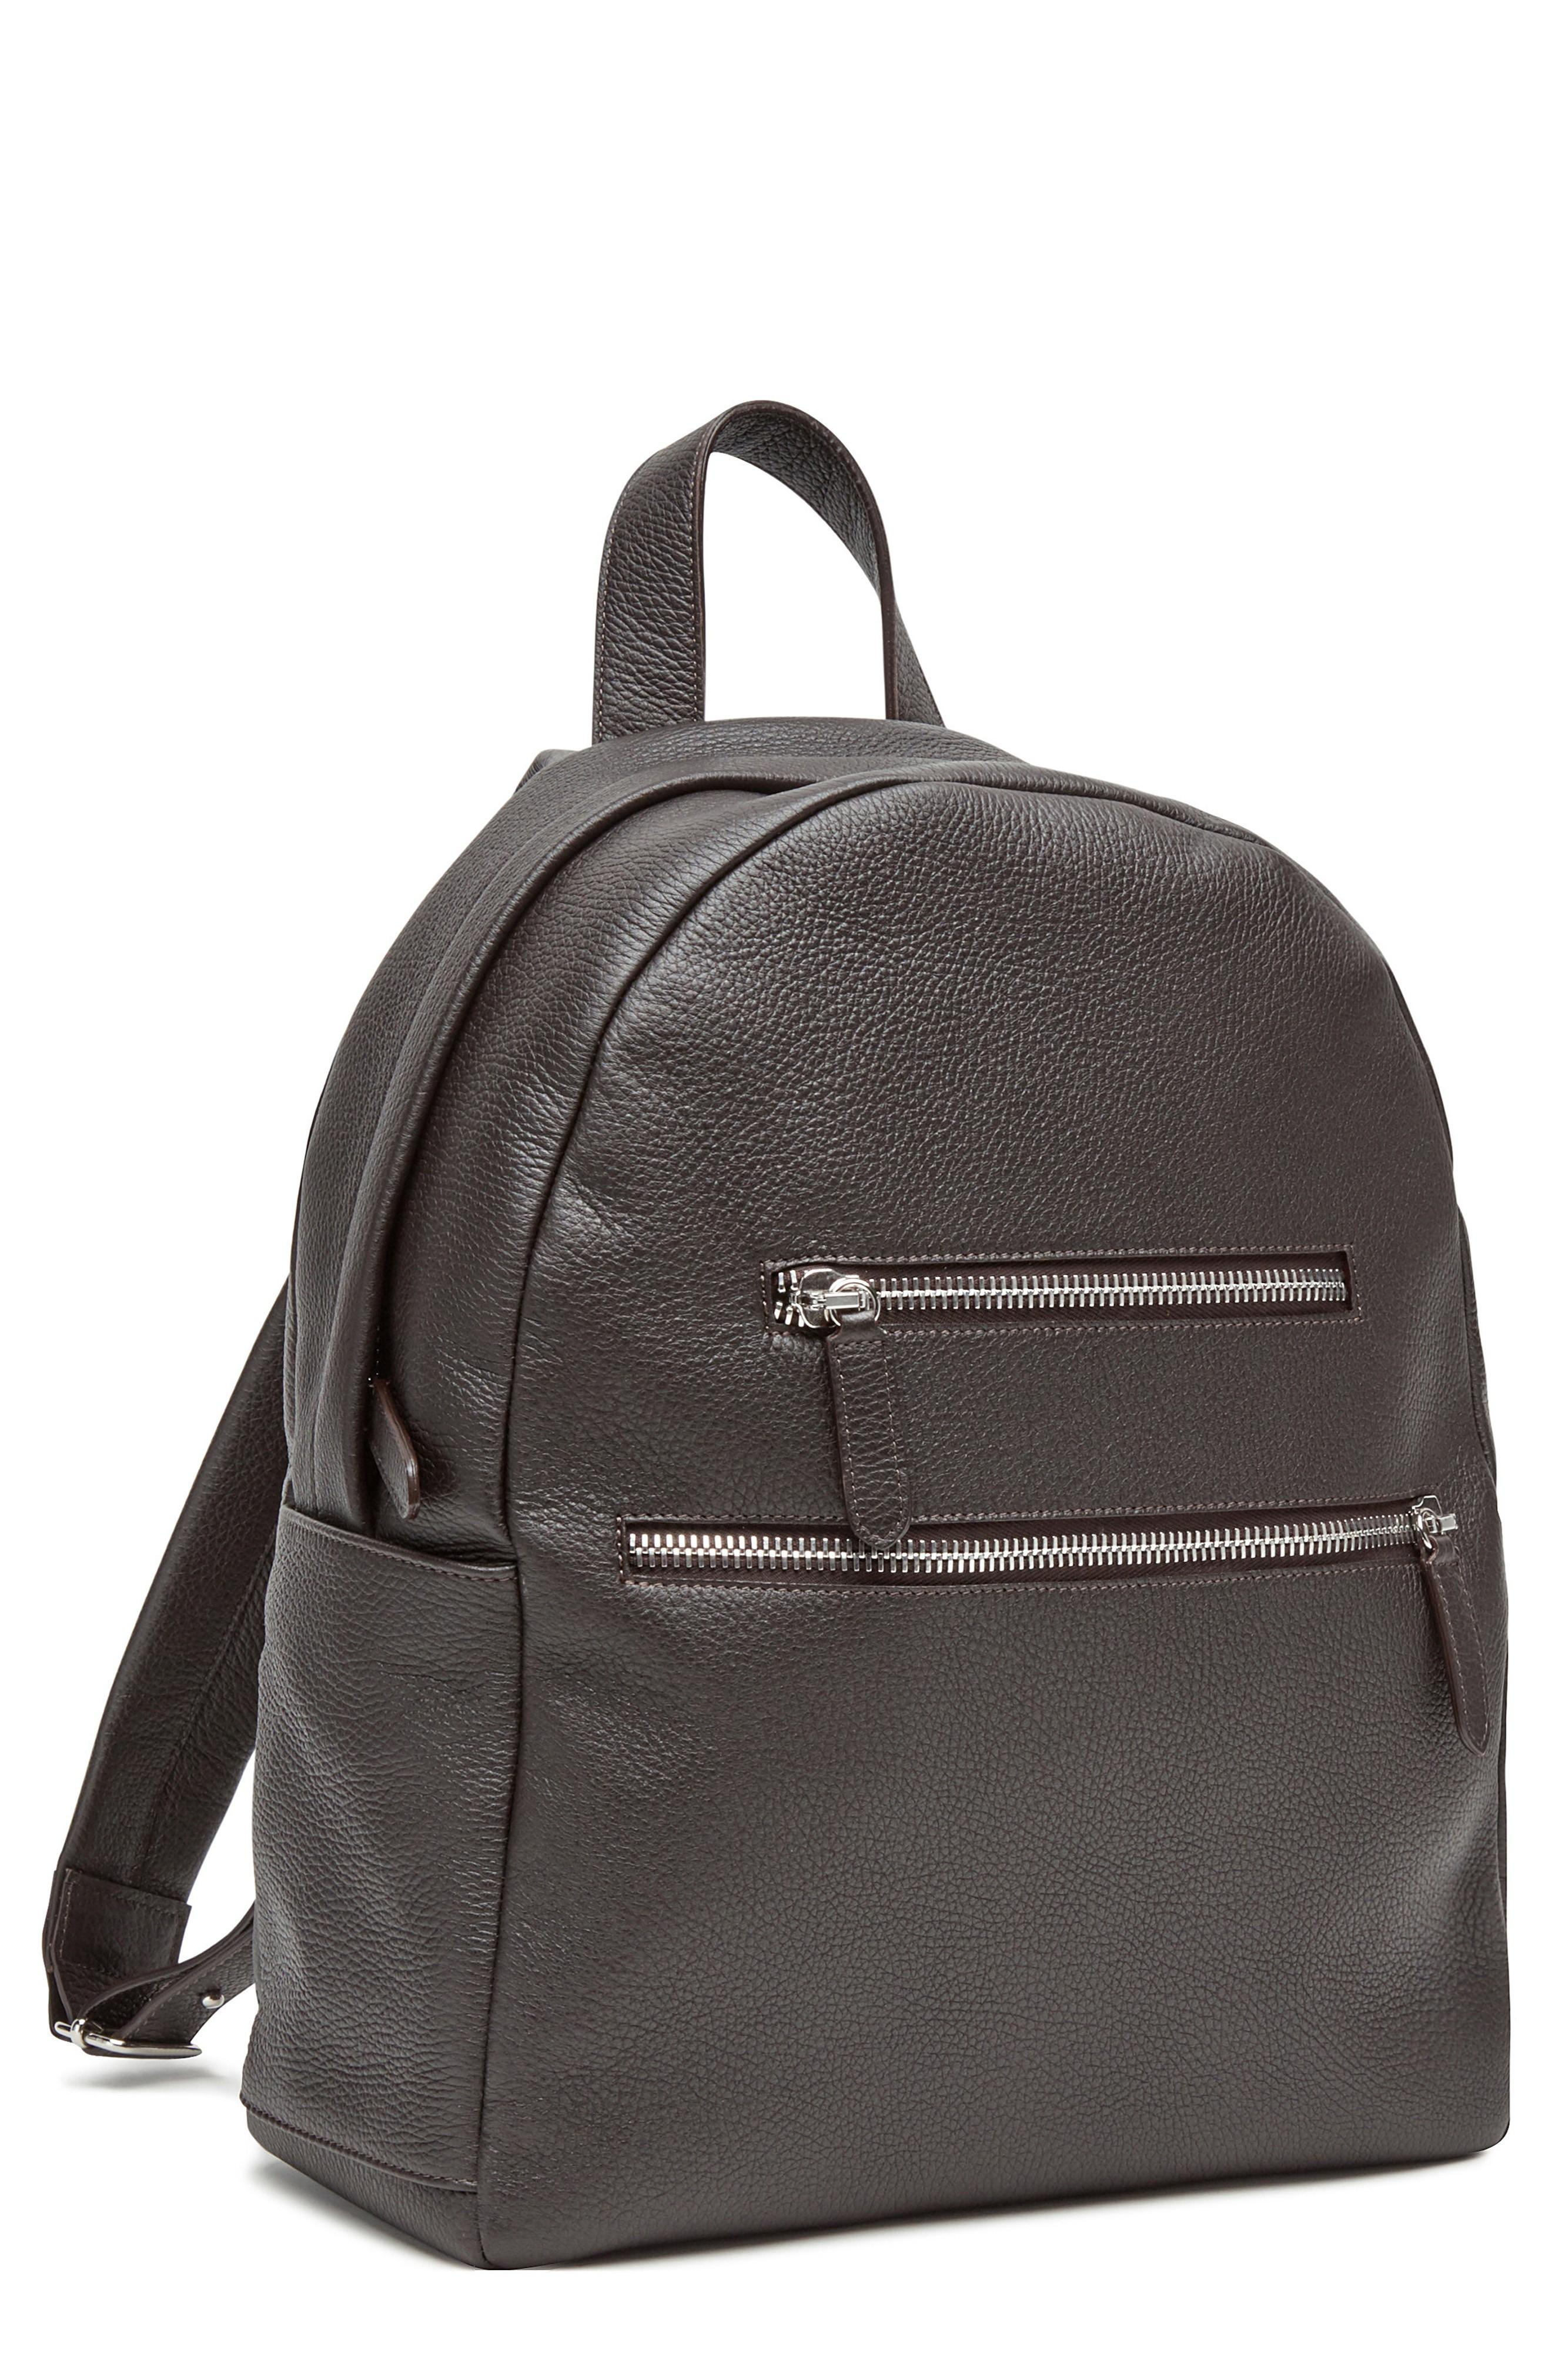 Eleventy Deerskin Backpack - Brown